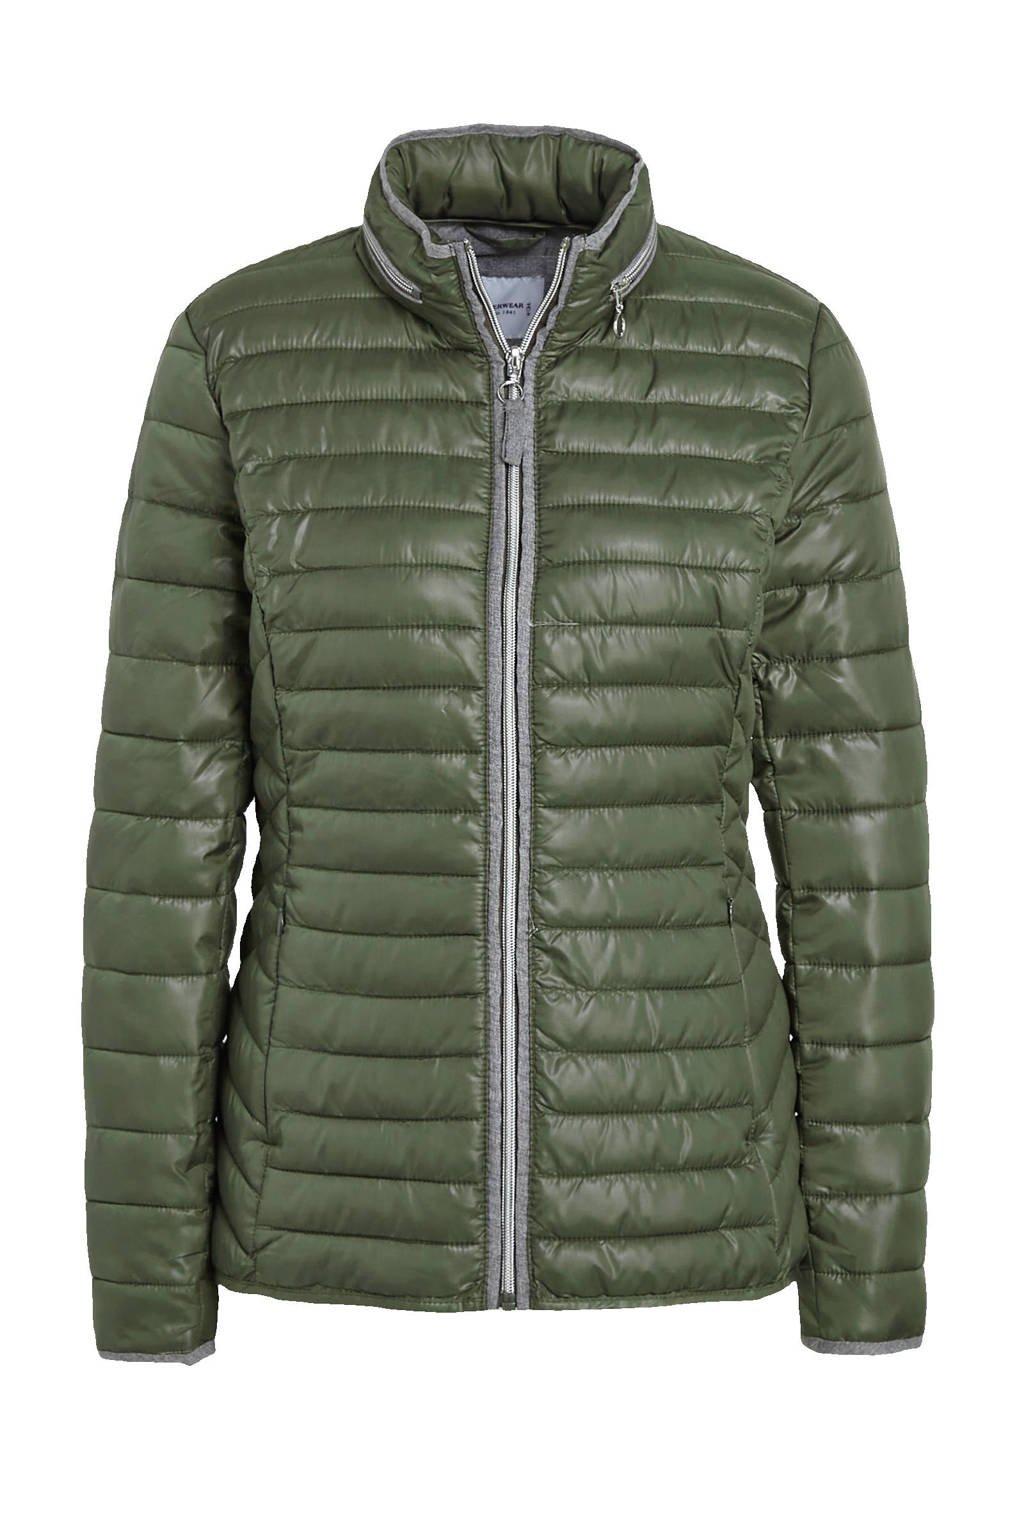 C&A The Outerwear gewatteerde jas donkergroen, Donkergroen